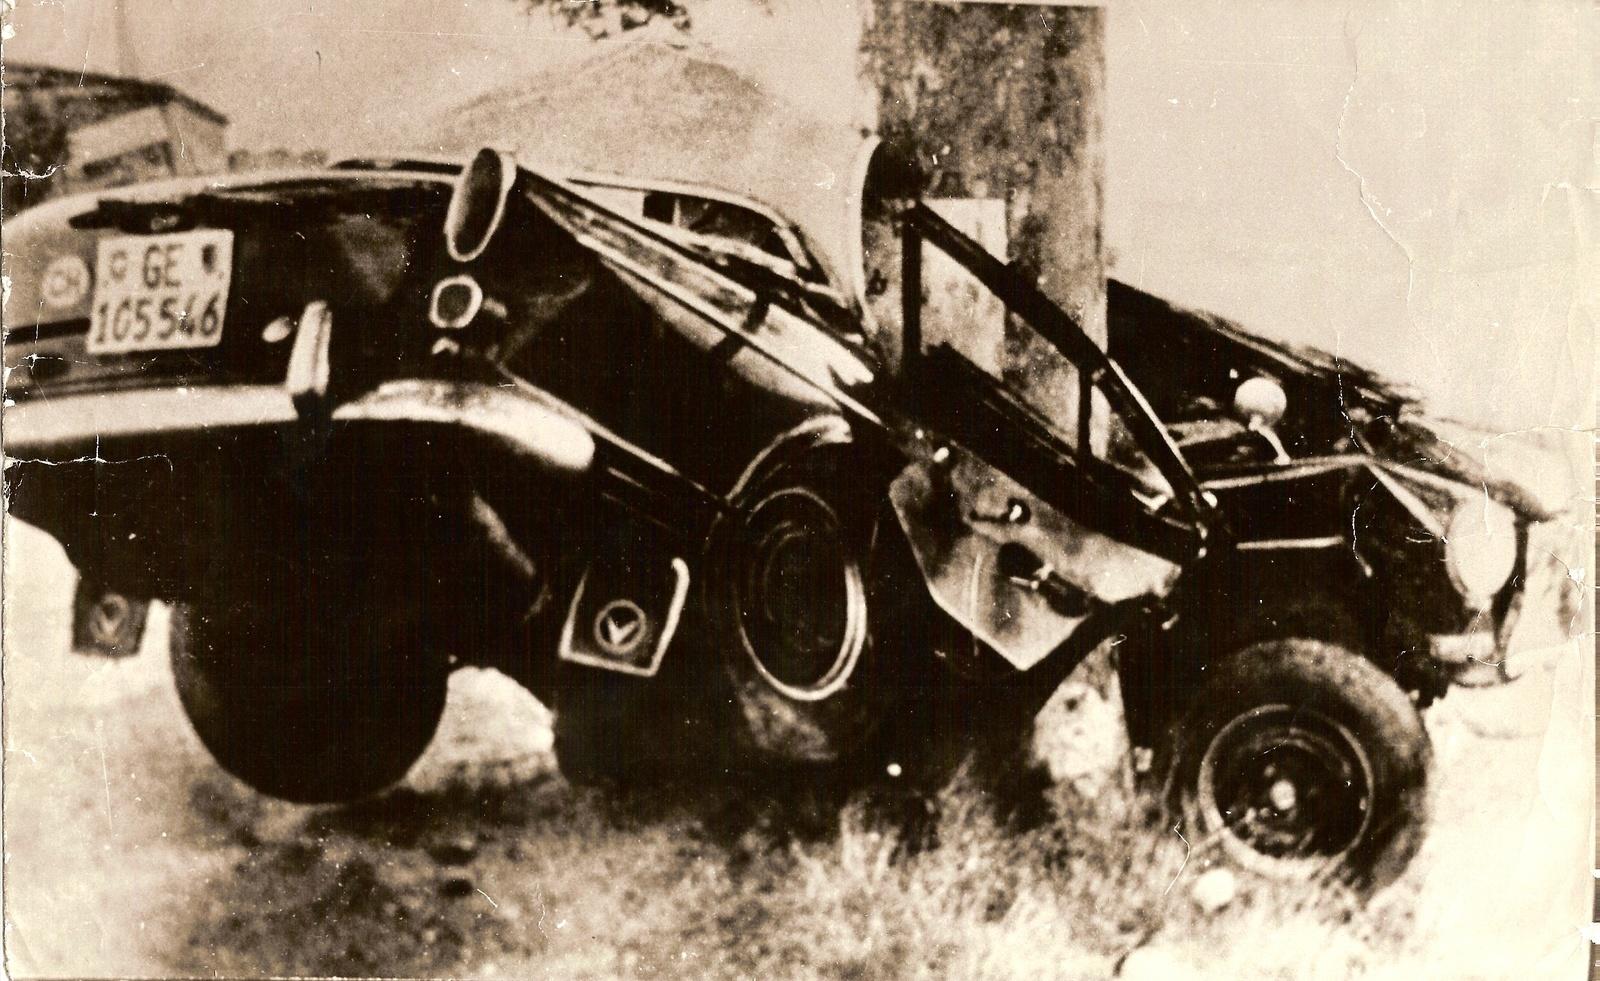 L'affaire Saint-Aubin : accident ou crime d'État ?